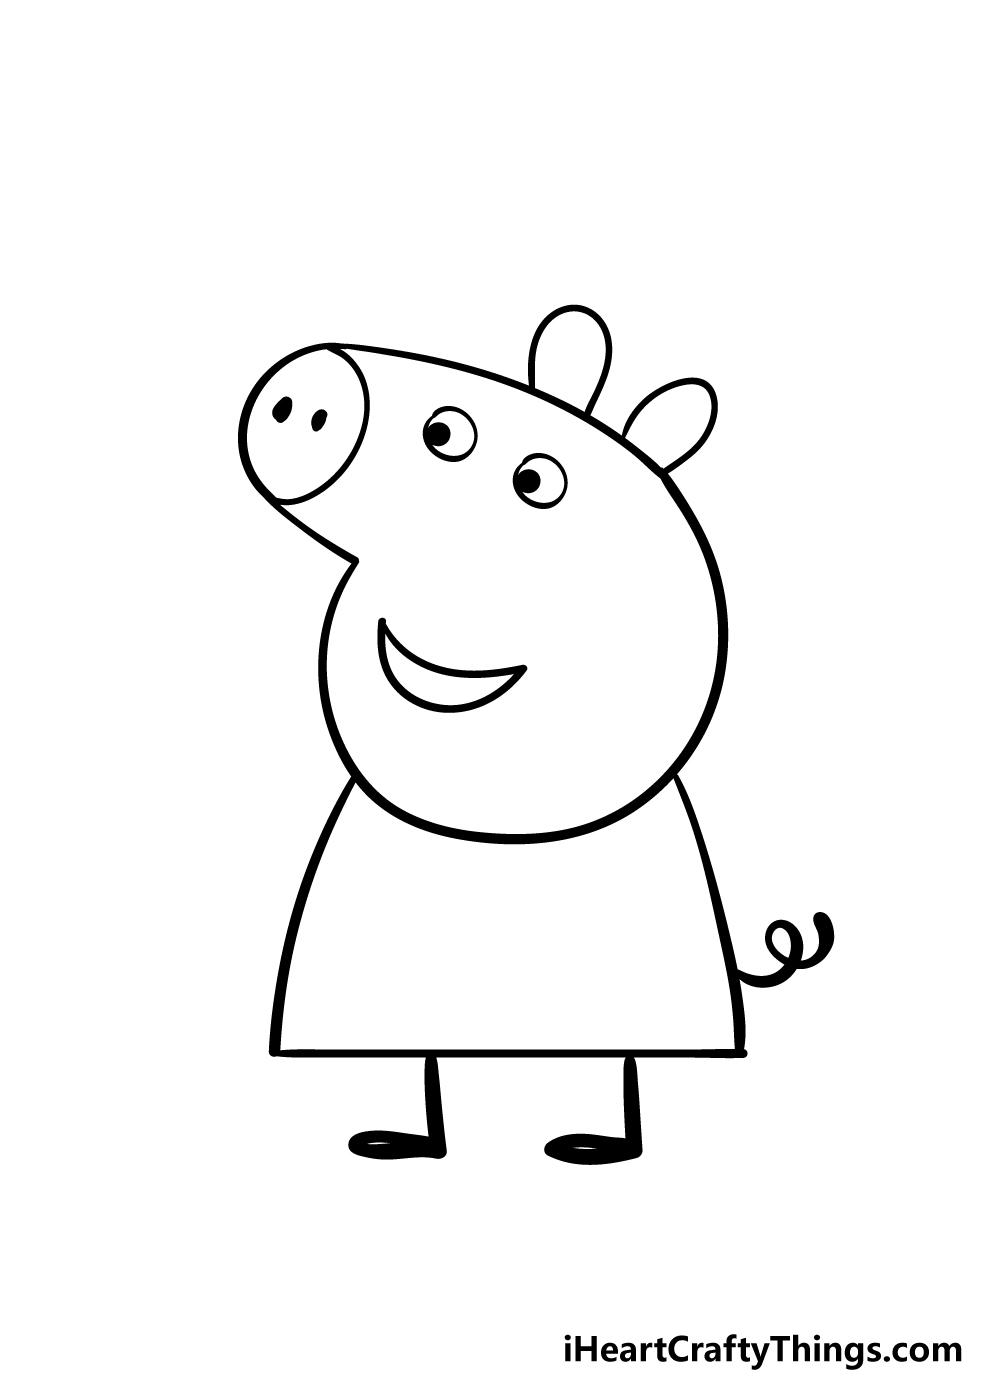 peppa pig drawing step 6